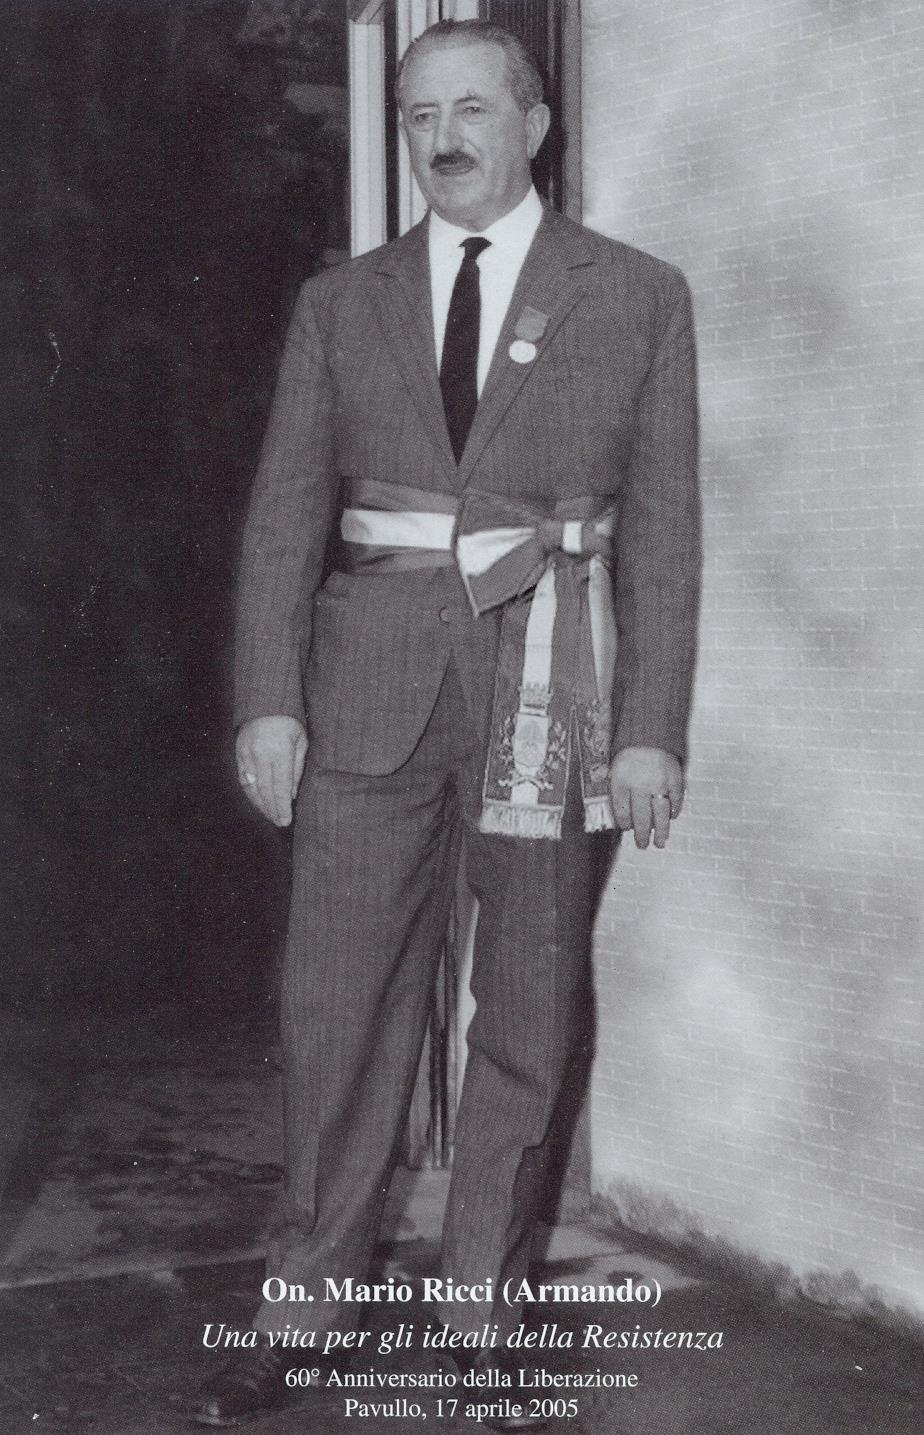 Cartolina del 2005 in memoria di Mario Ricci, qui ritratto mentre indossa la fascia da sindaco e porta sulla giacca la medaglia d'oro al valor militare. Proprietà della sezione ANPI di Pavullo nel Frignano - dalla Resistenza alla Repubblica